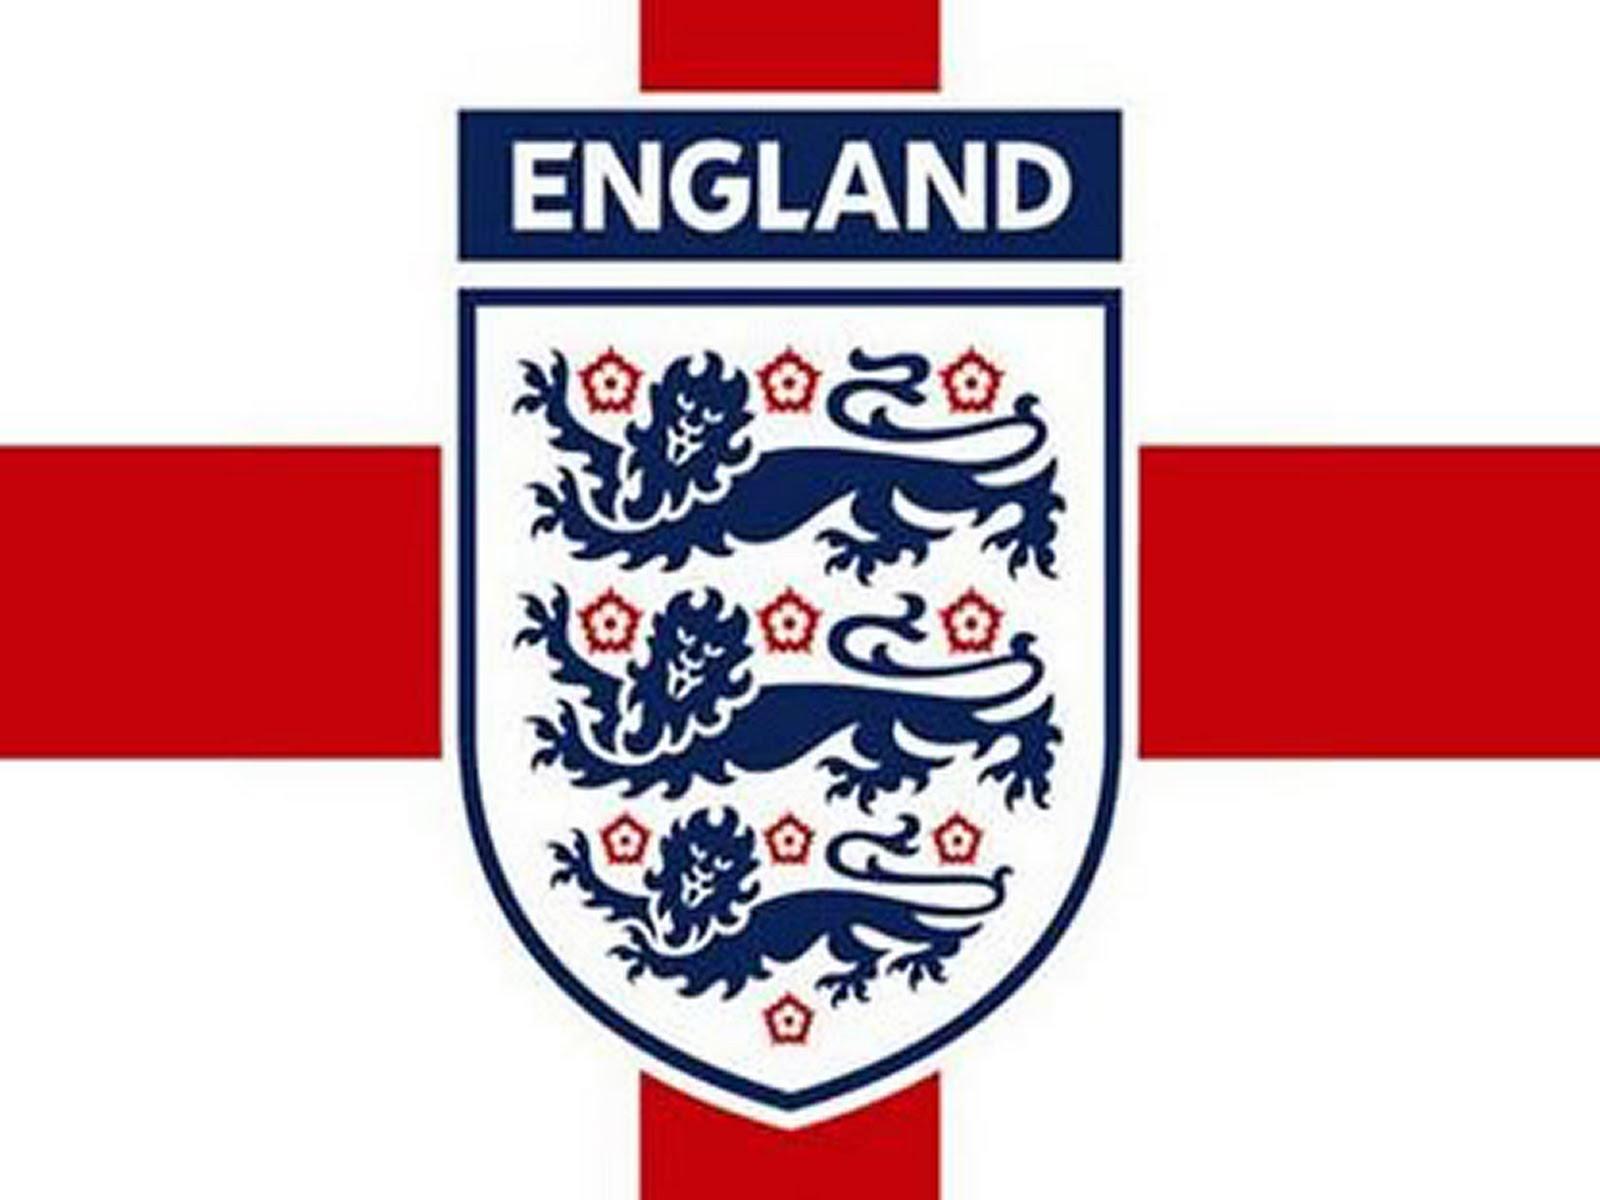 english football club logos - photo #5